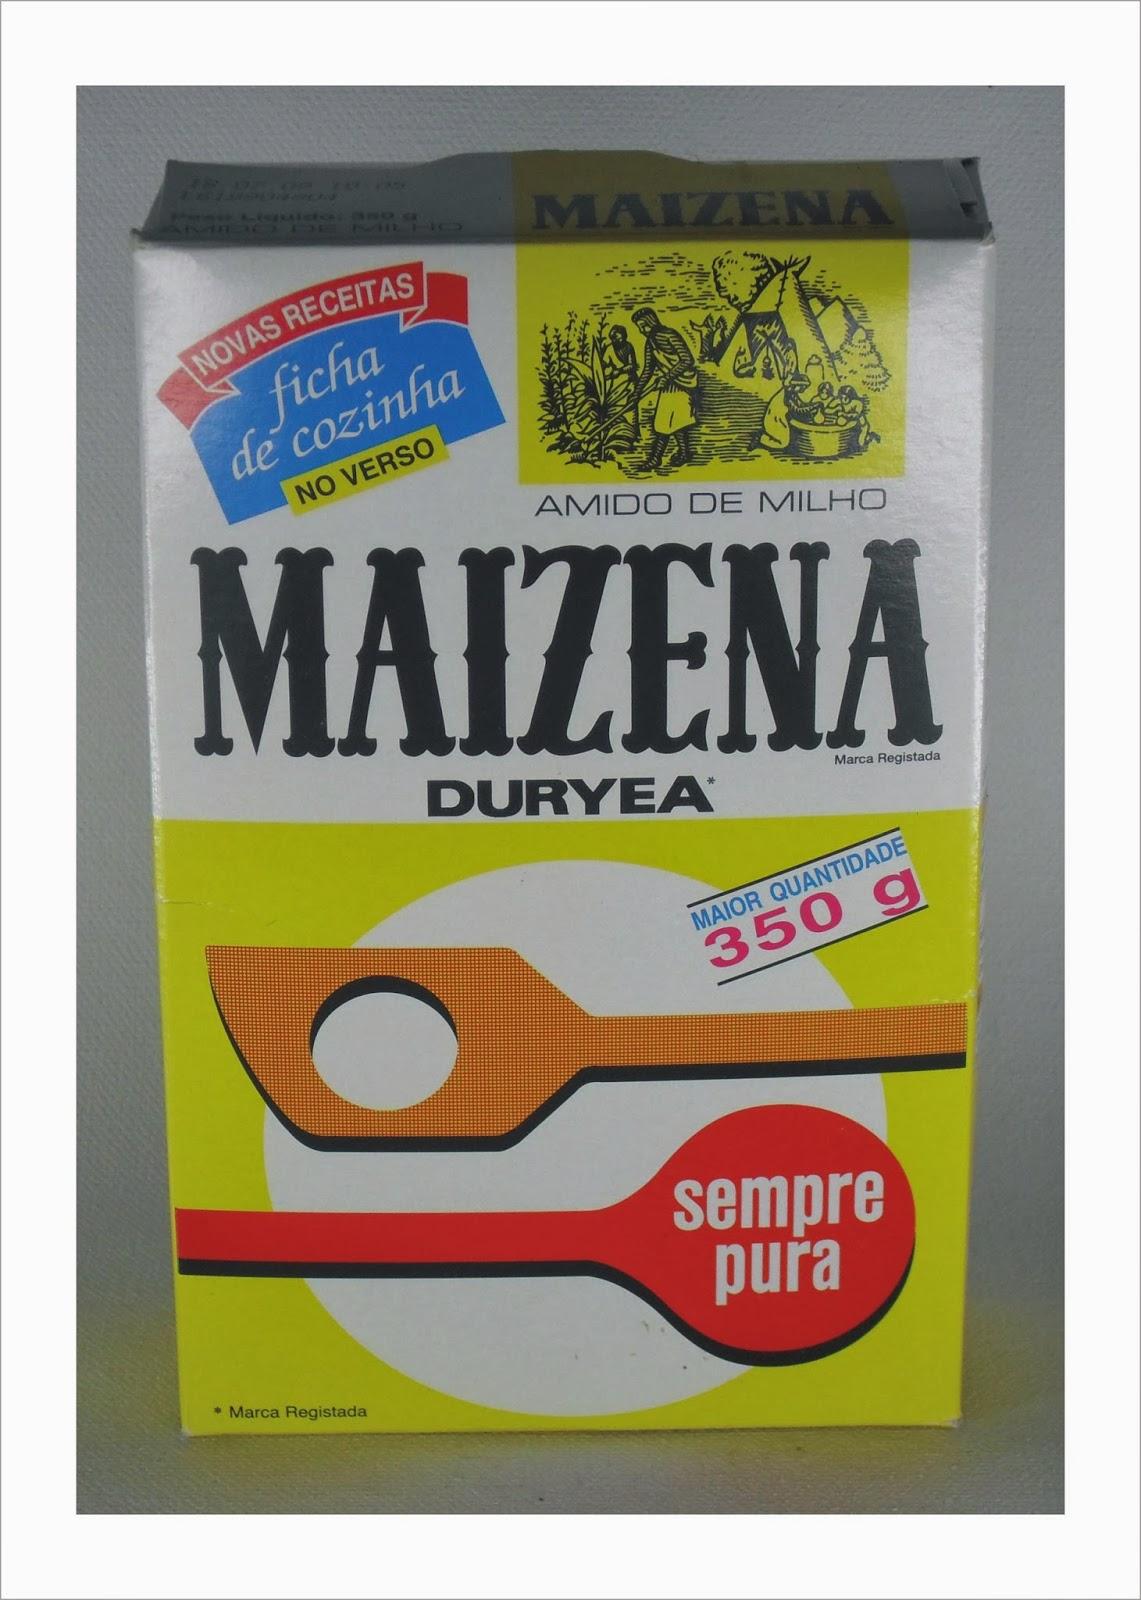 Meizena